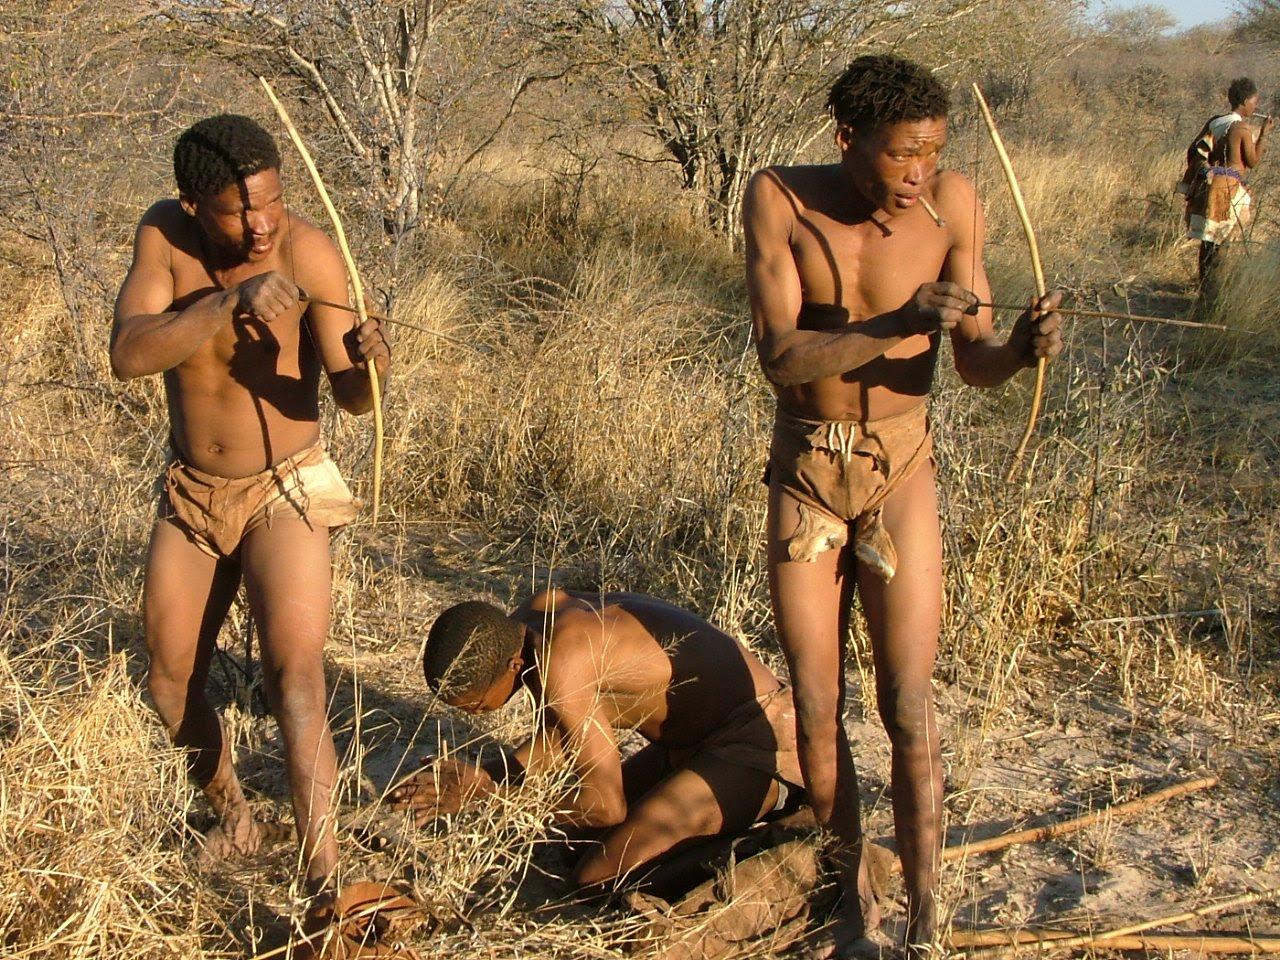 Çağımızda halen hayatta olmalarına rağmen türümüzün antik atalarına en yakın şekilde yaşayan, avlanan, hayatta kalan Khoisan (San) Kabilesi'nin avlanma çabasından bir kare; Günümüz...